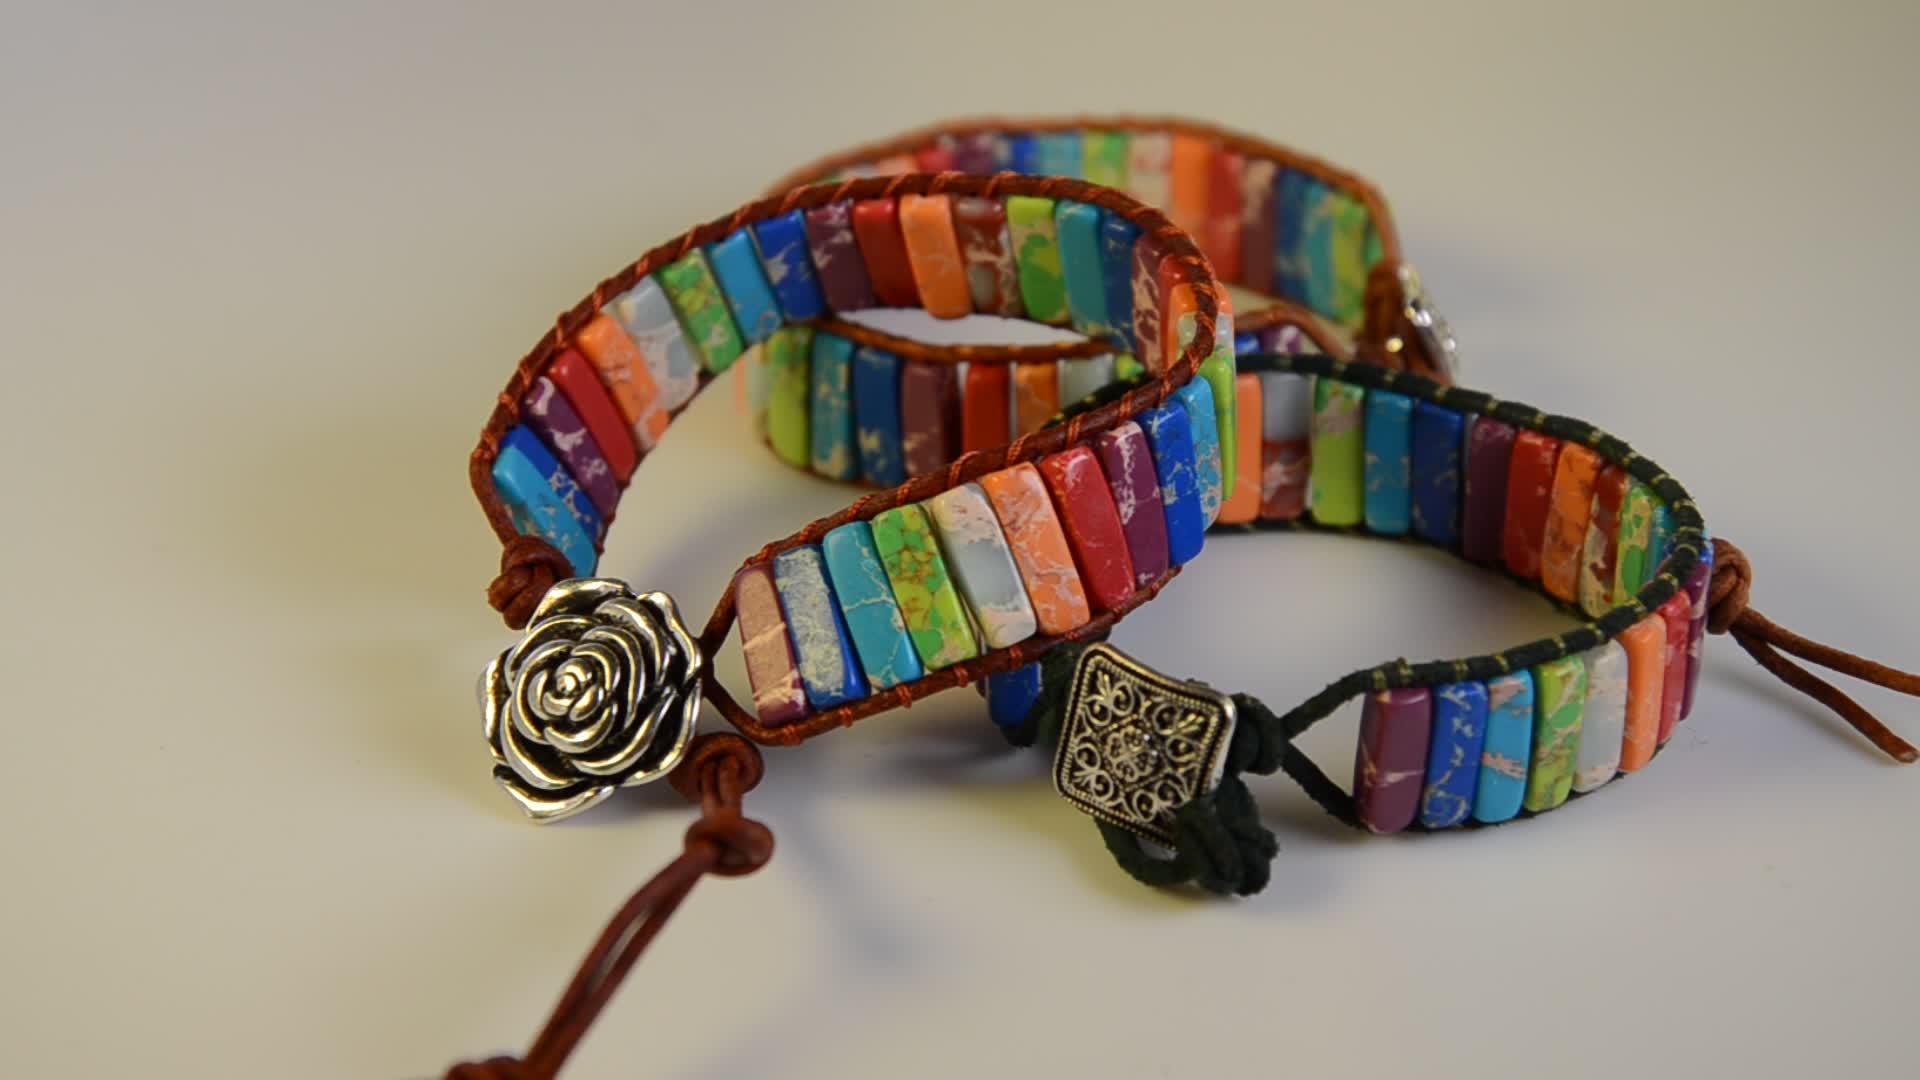 Богемия ручной работы трубки натуральный камень бусины Кожа обёрточная бумага чакра браслет